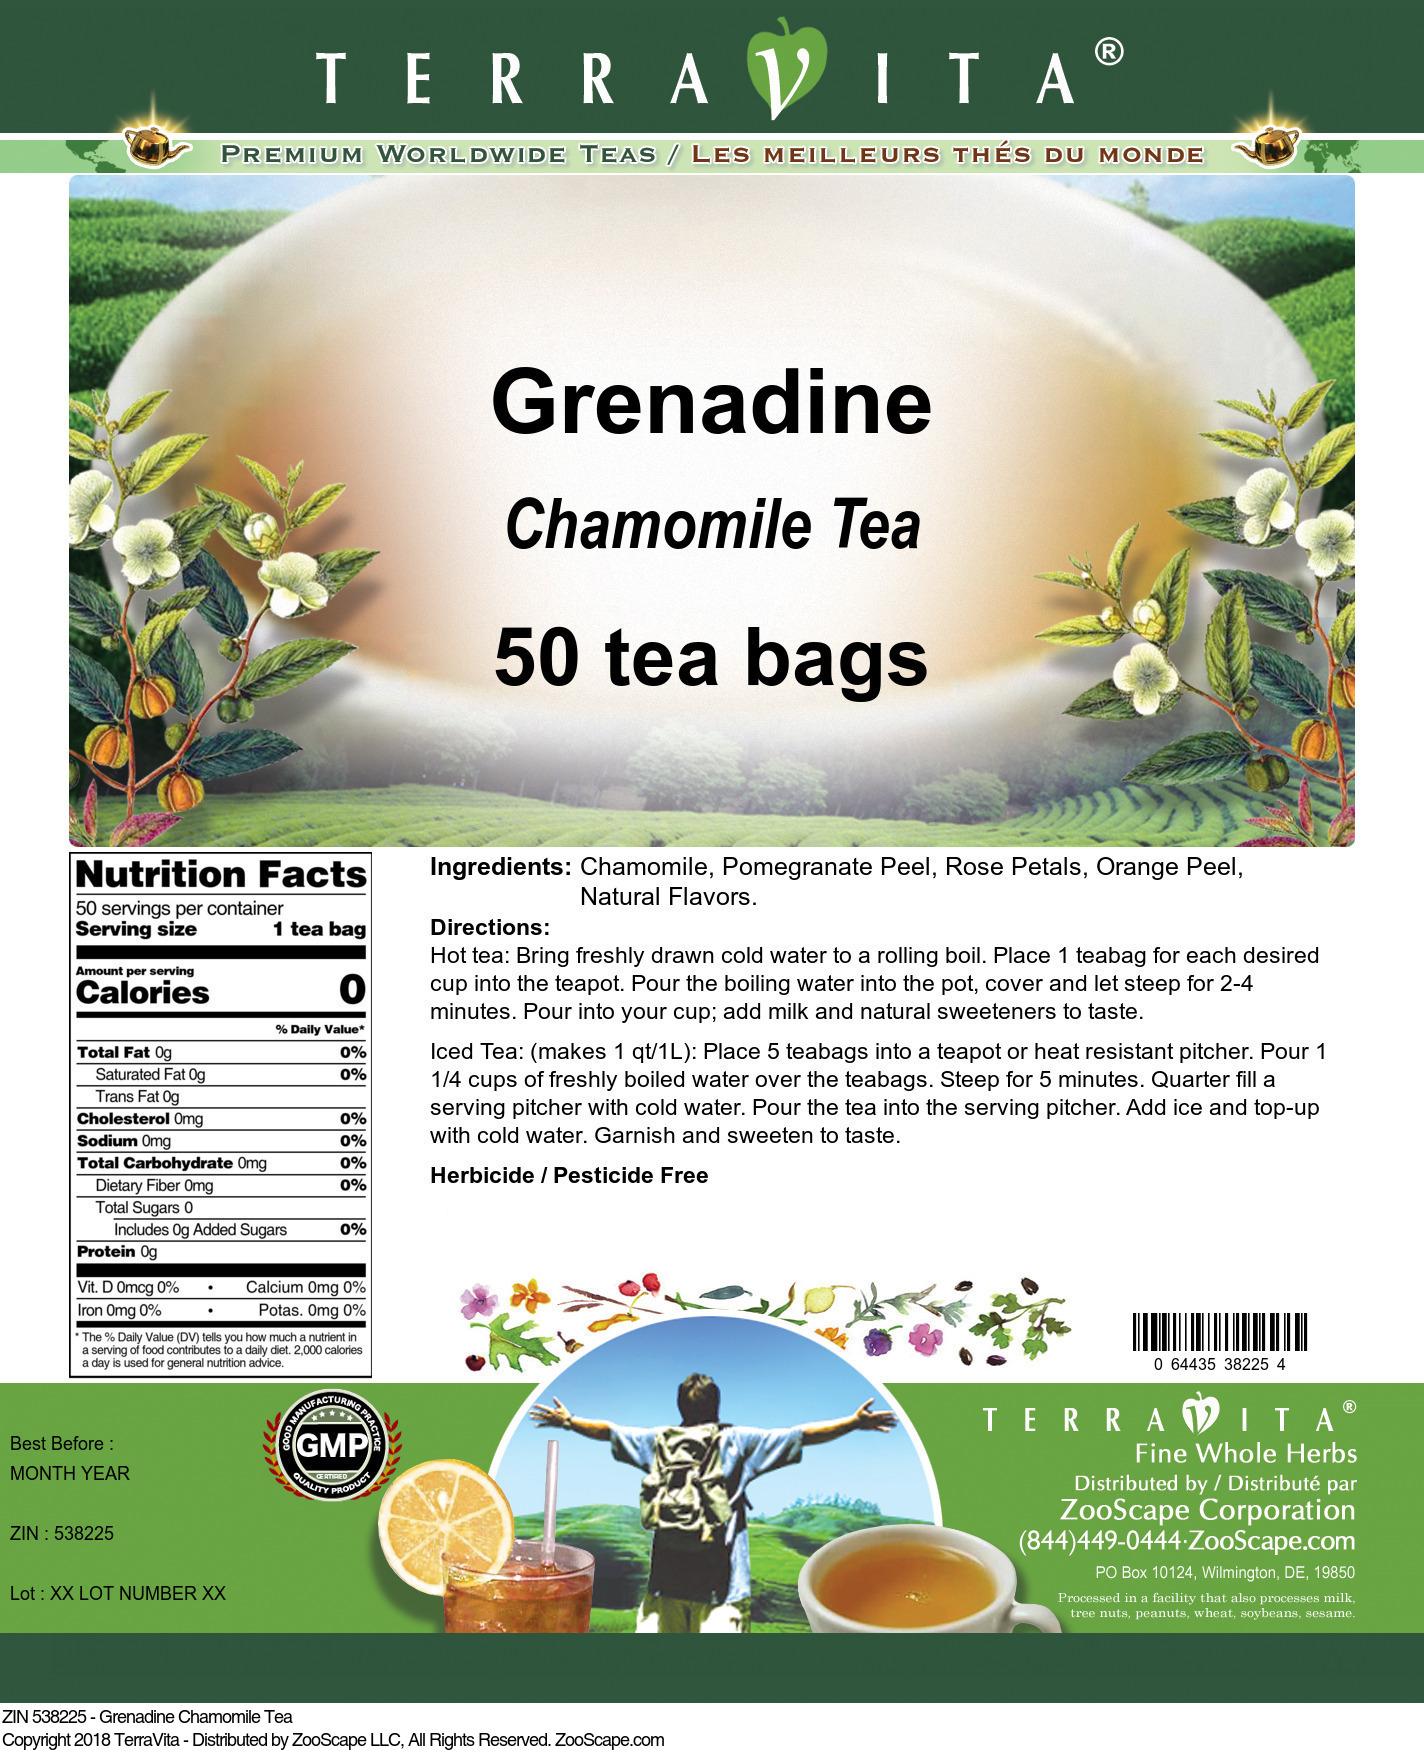 Grenadine Chamomile Tea